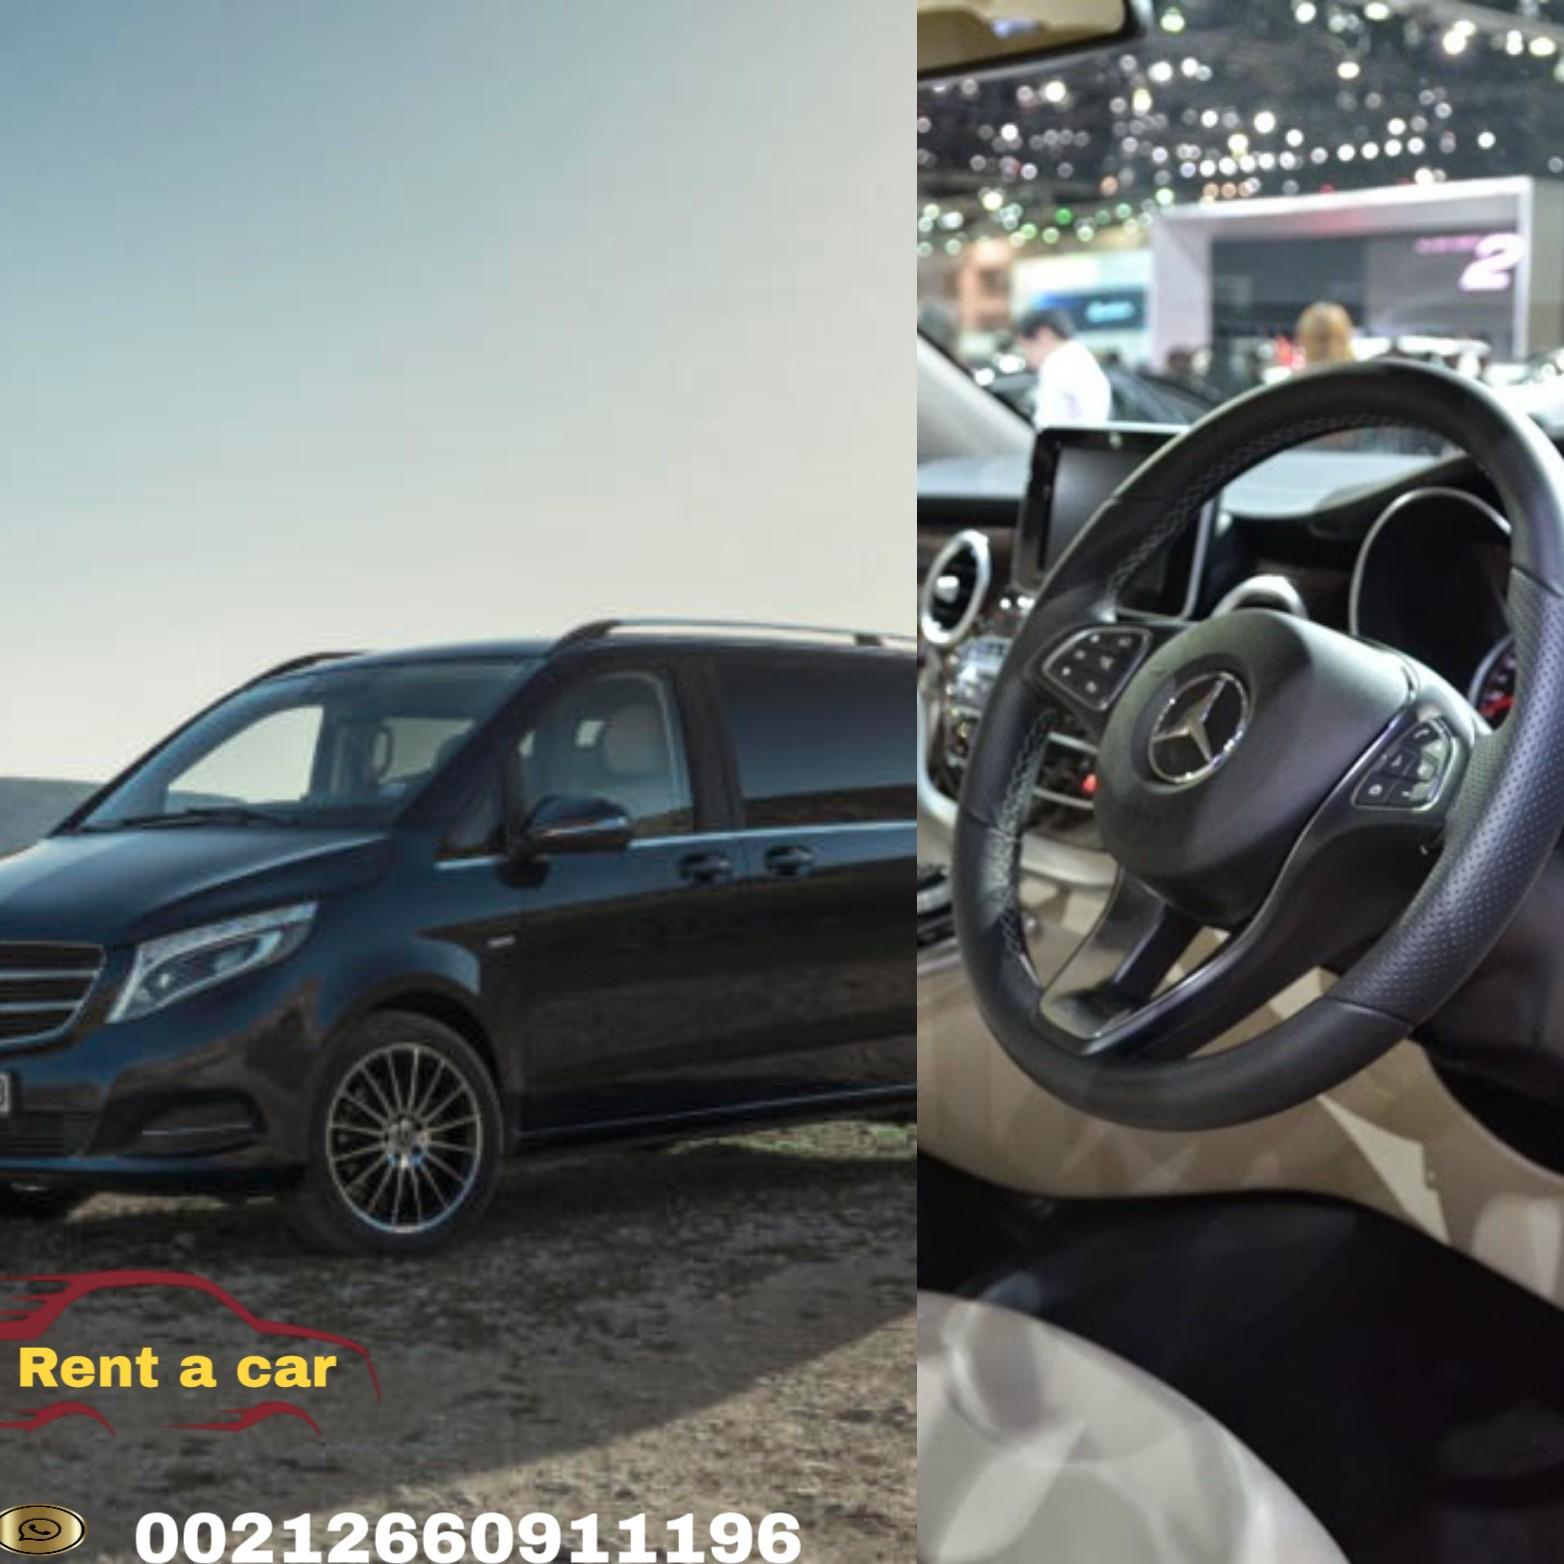 702809 المسافرون العرب rent car casablanca عرض خاص تأجير سيارت في المغرب